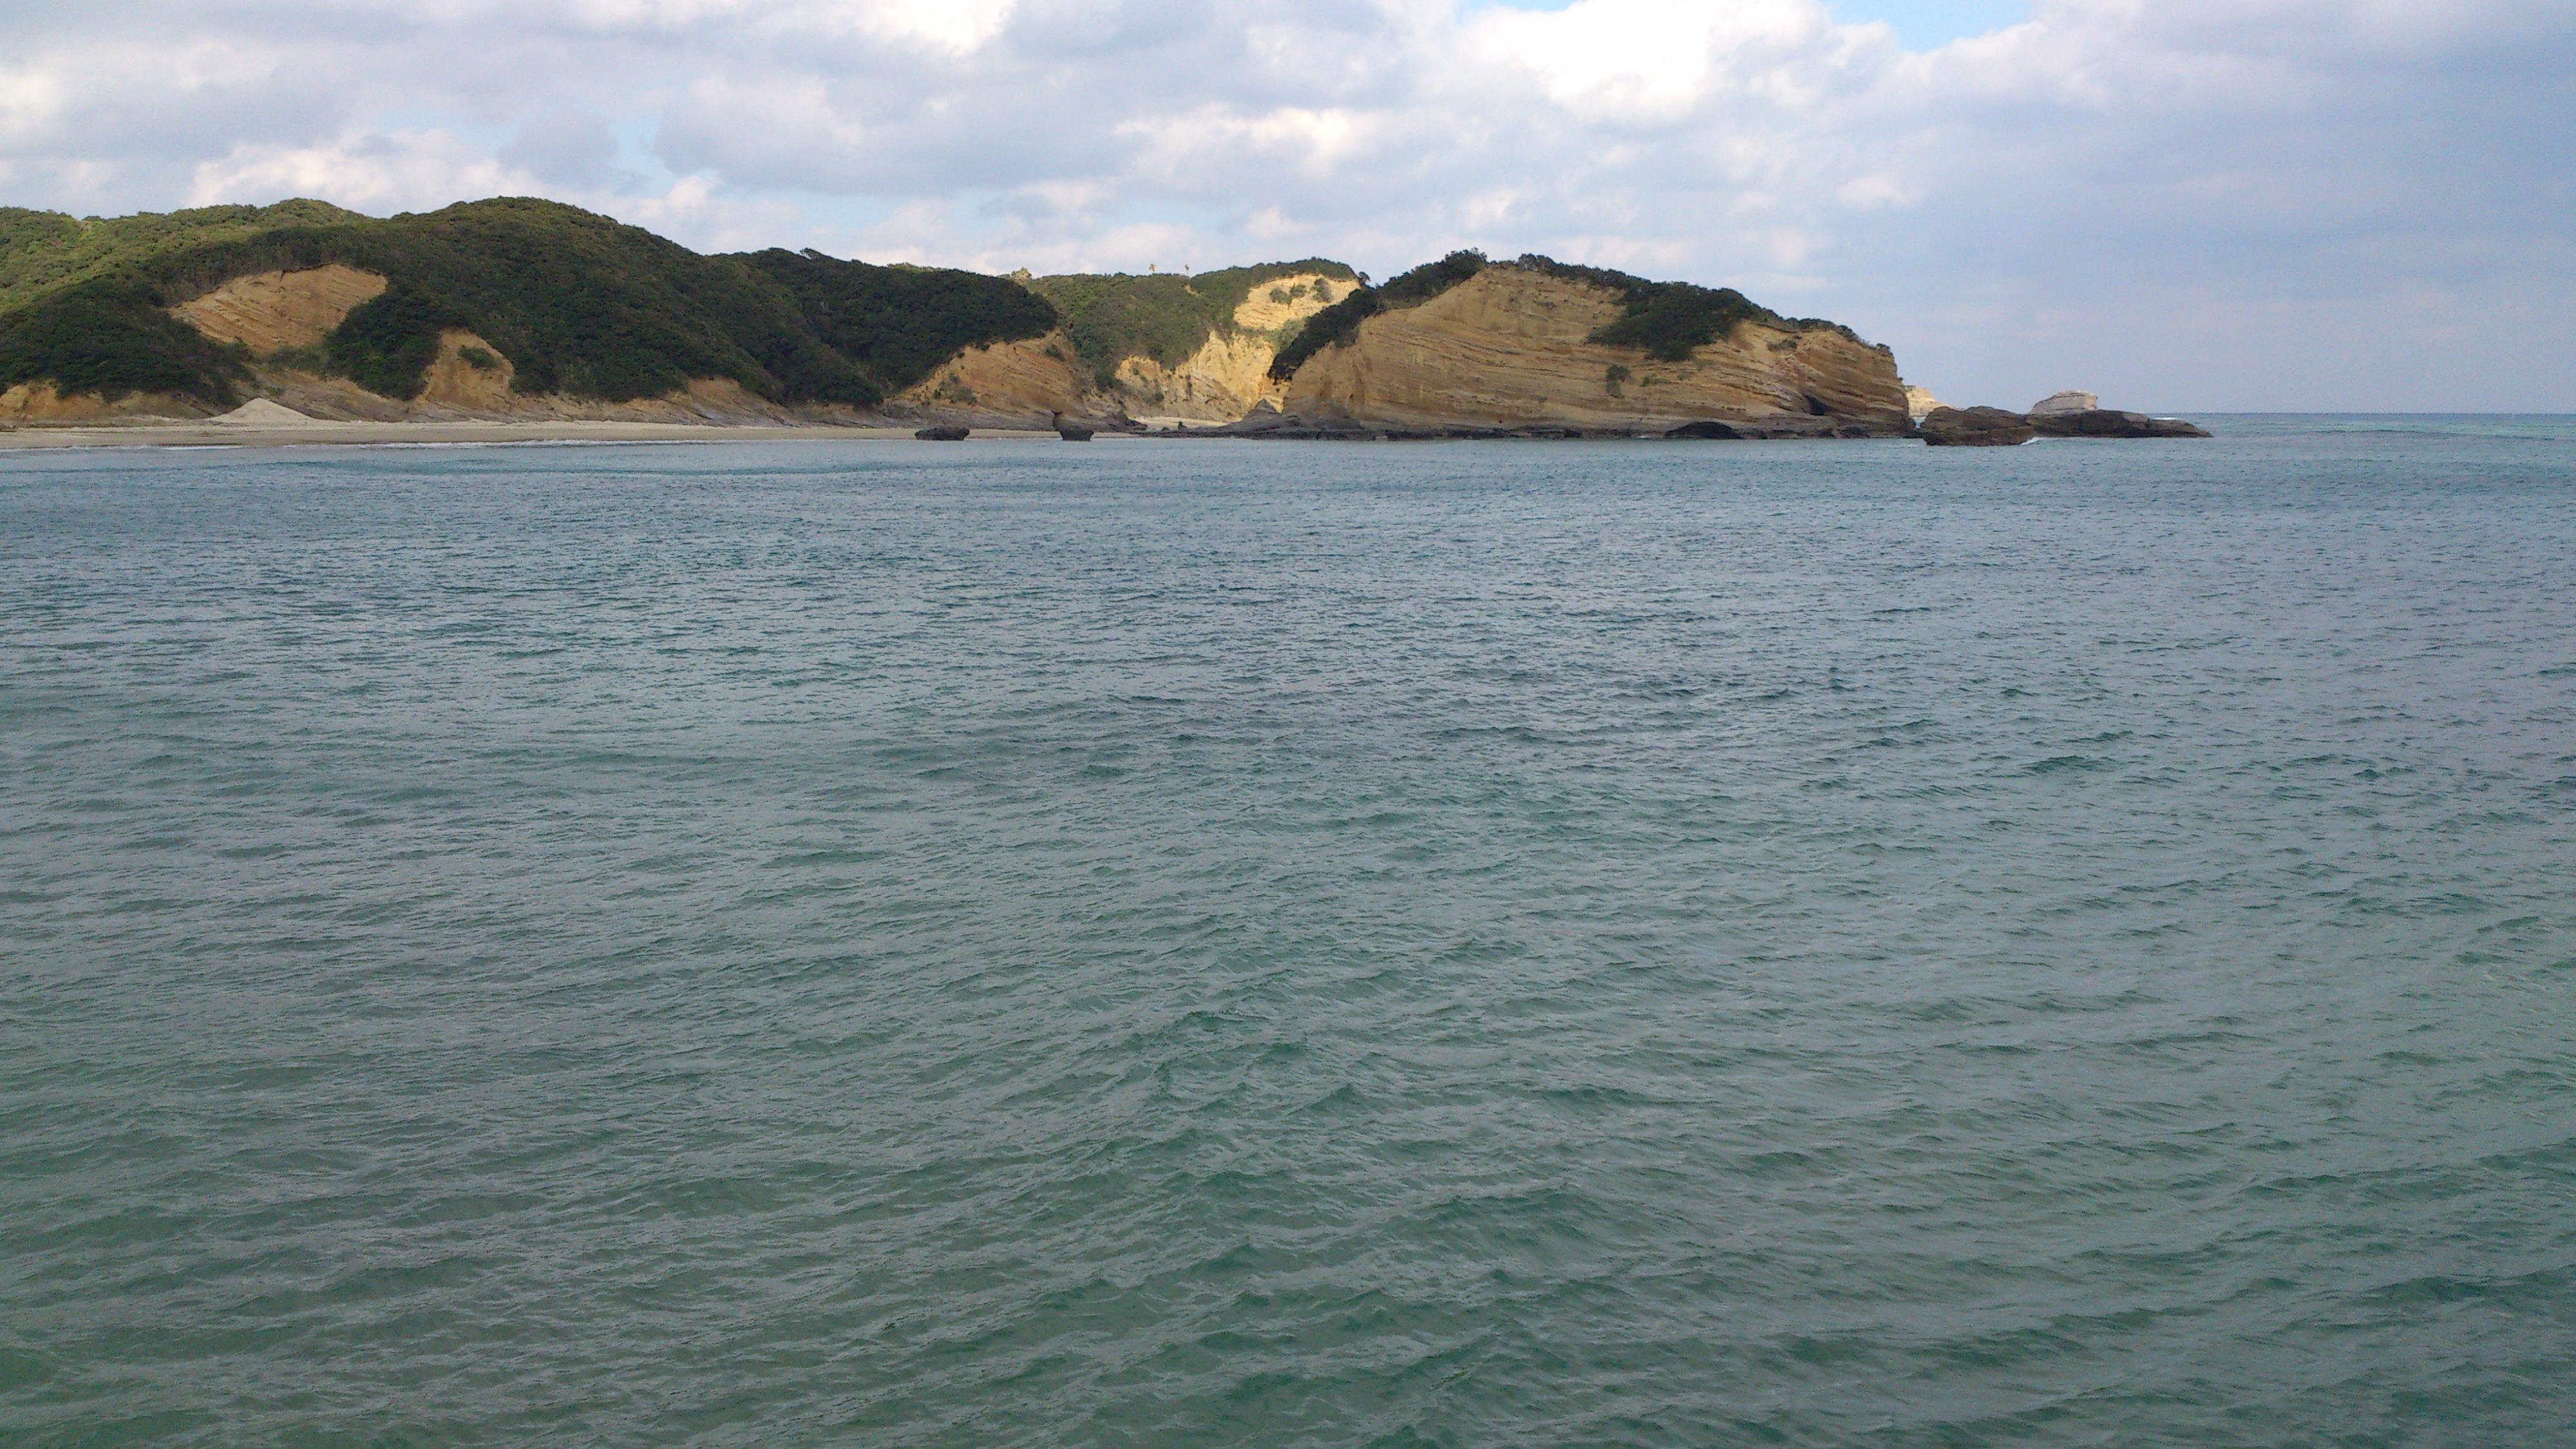 2012年12月。僕は種子島を一人で旅した:岩肌と海。これどこから撮ったんだろ